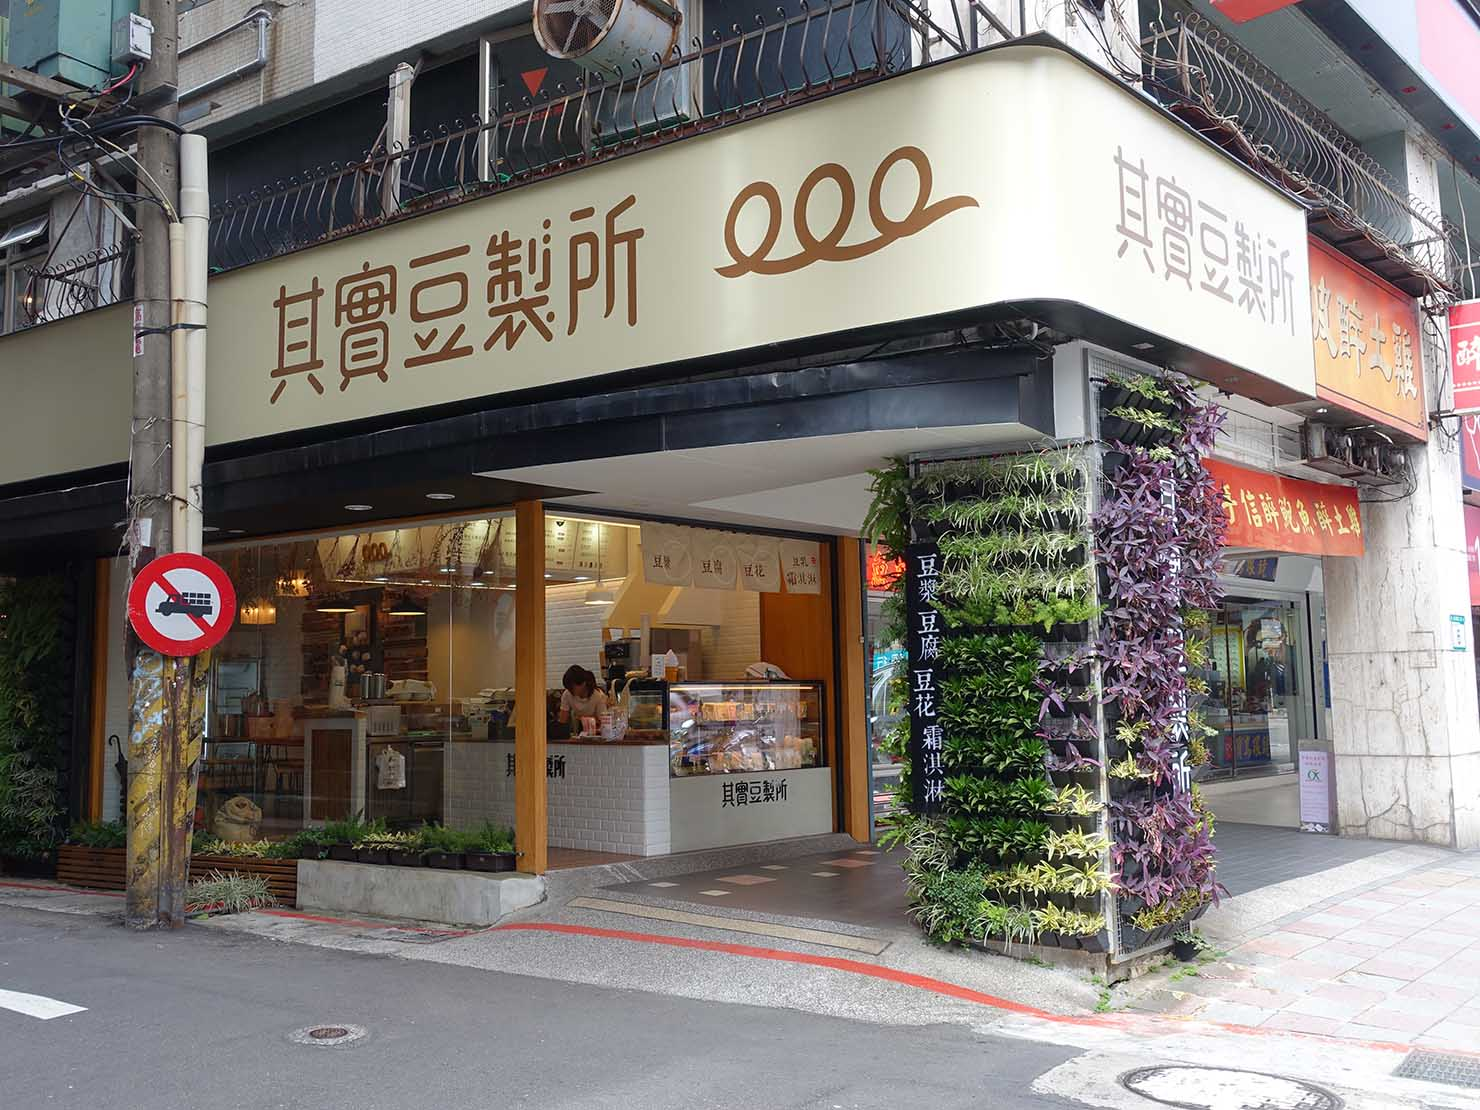 台北・東門エリアのおすすめグルメ店「其實豆製所」の外観